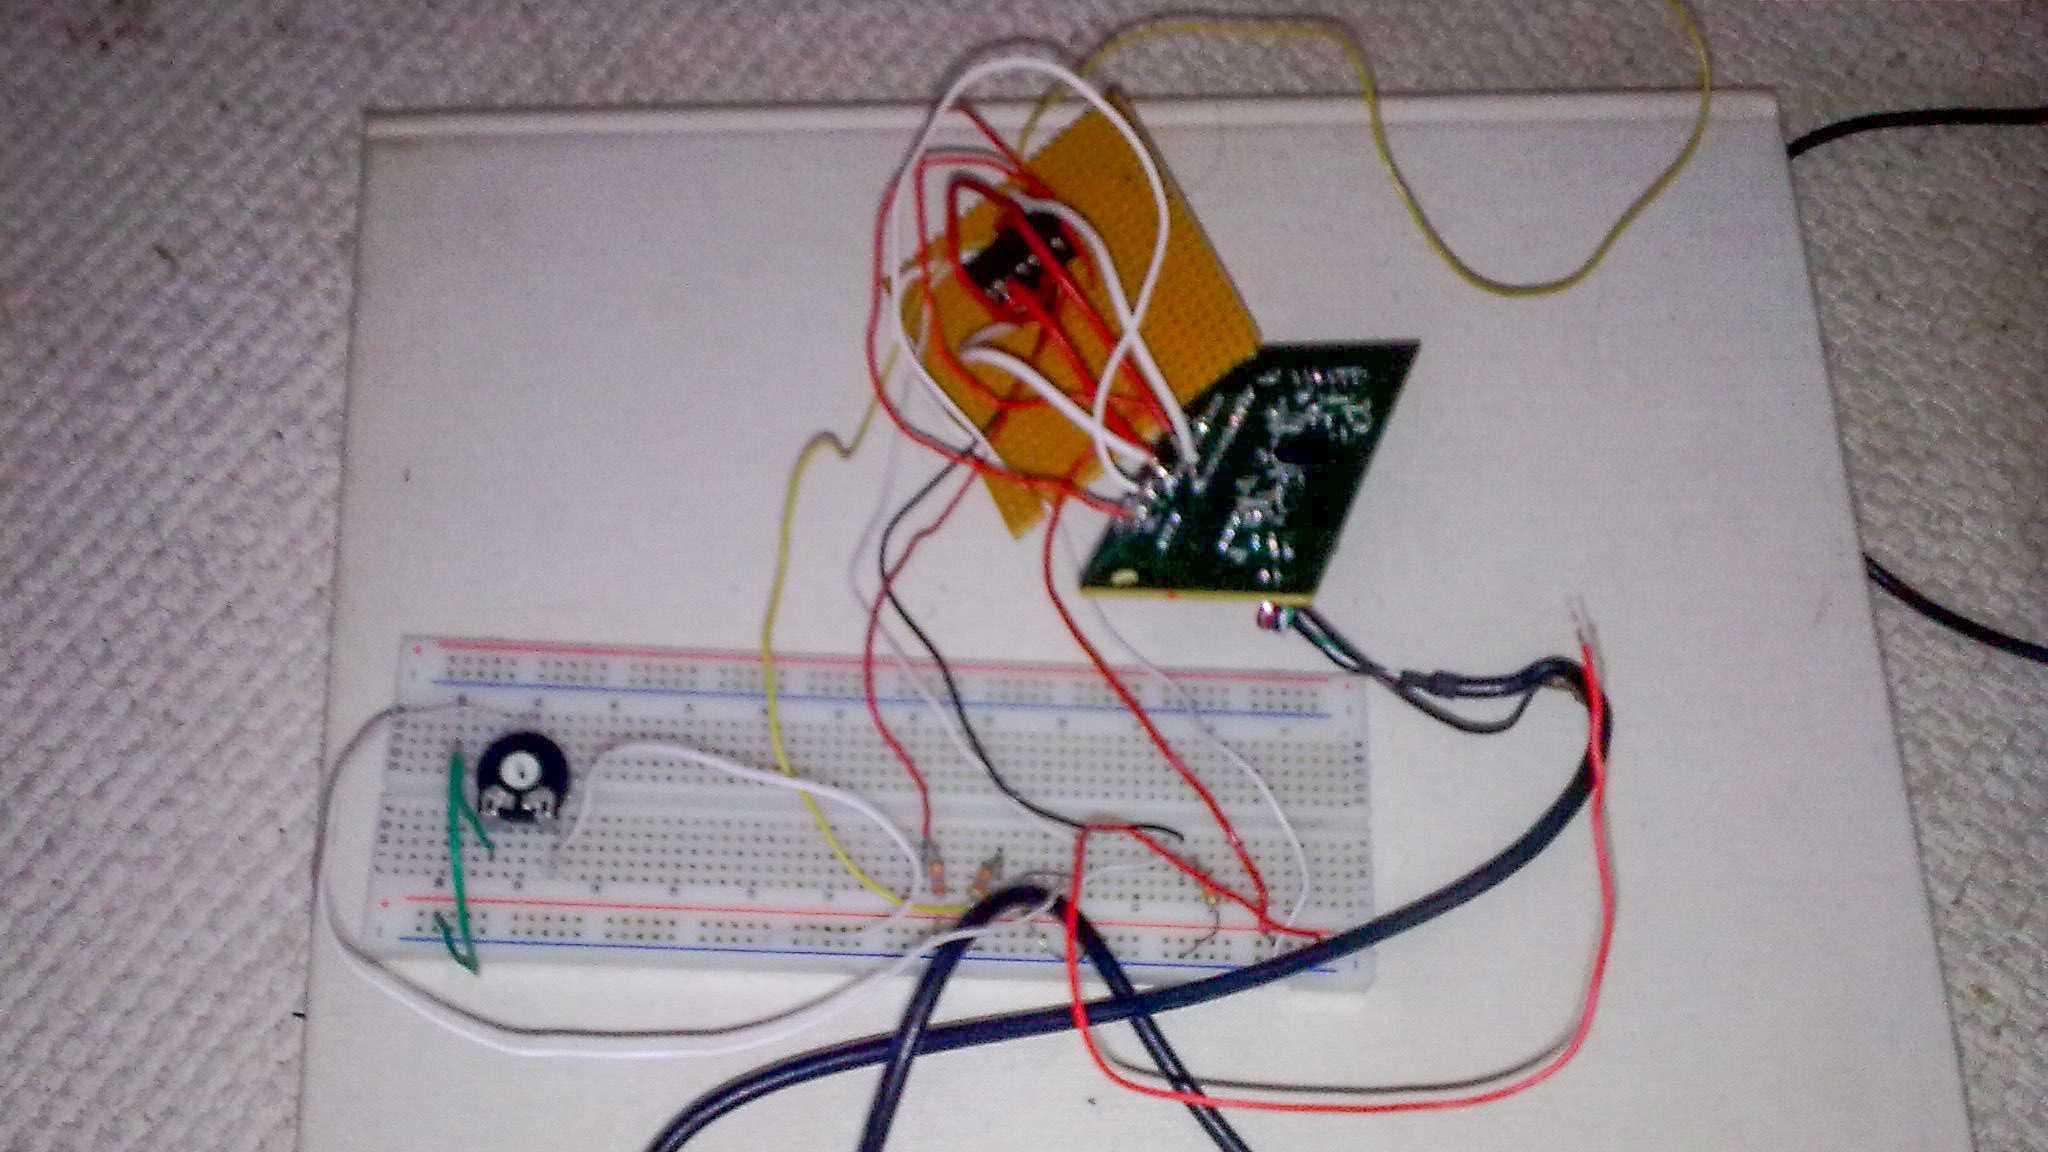 Breadboard mit Elektronik.